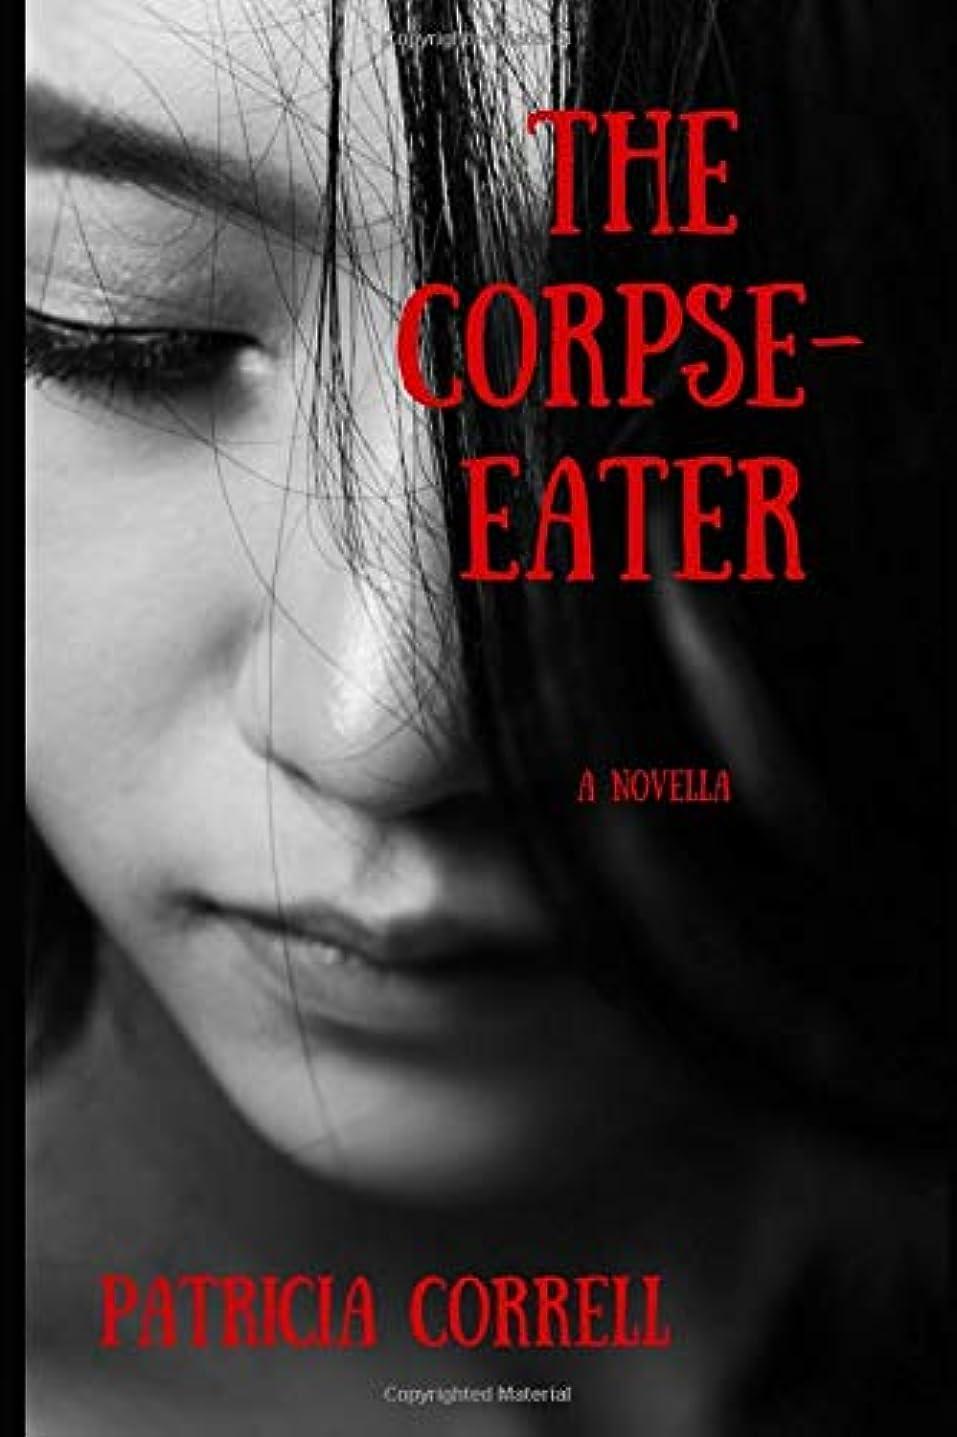 使い込む一貫した交差点The Corpse-Eater: A Novella